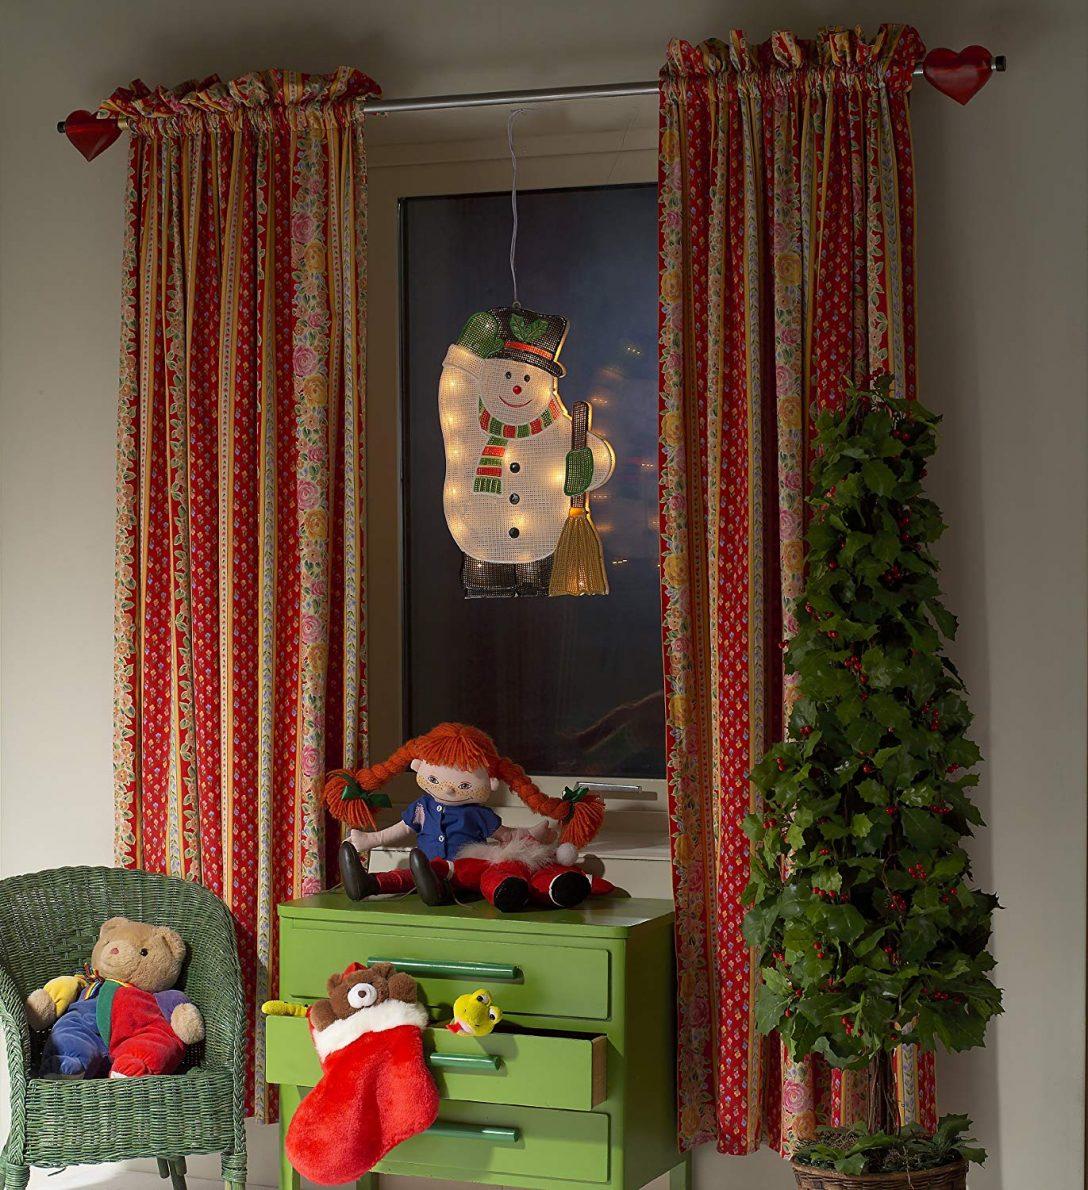 Large Size of Fenster Beleuchtung Weihnachten Selber Machen Led Fensterbeleuchtung Schneeflocke Indirekte Stern Batterie Weihnachts Erzgebirge Sterne Kinderzimmer Fenster Fenster Beleuchtung